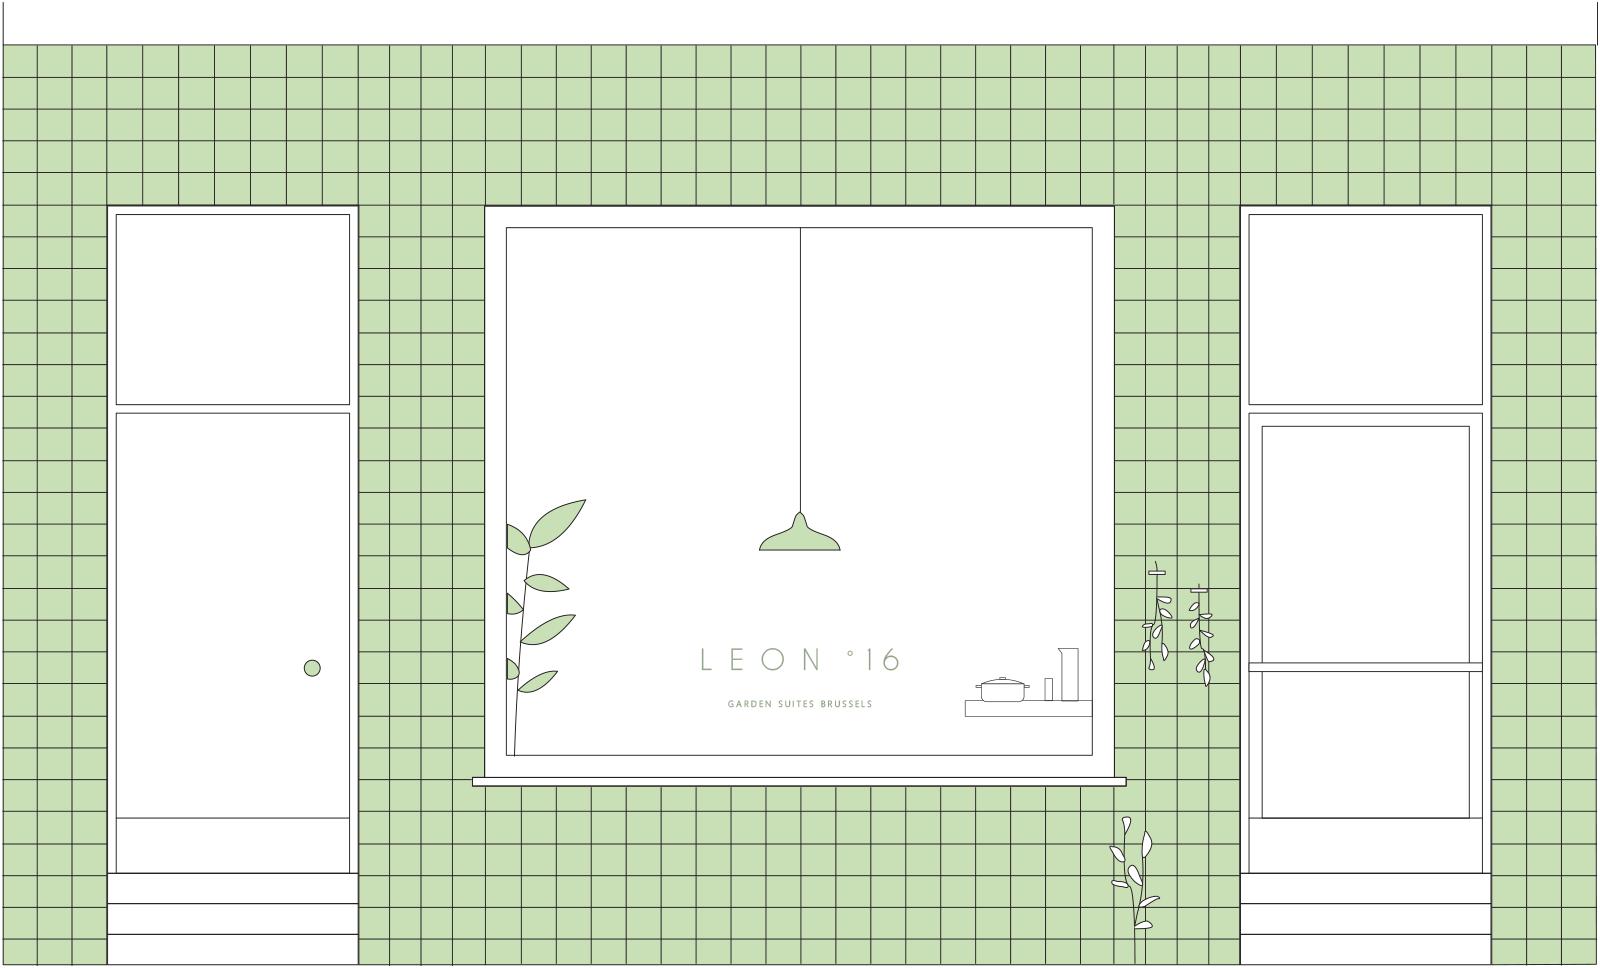 Leon 16 - Garden Suites Brussels